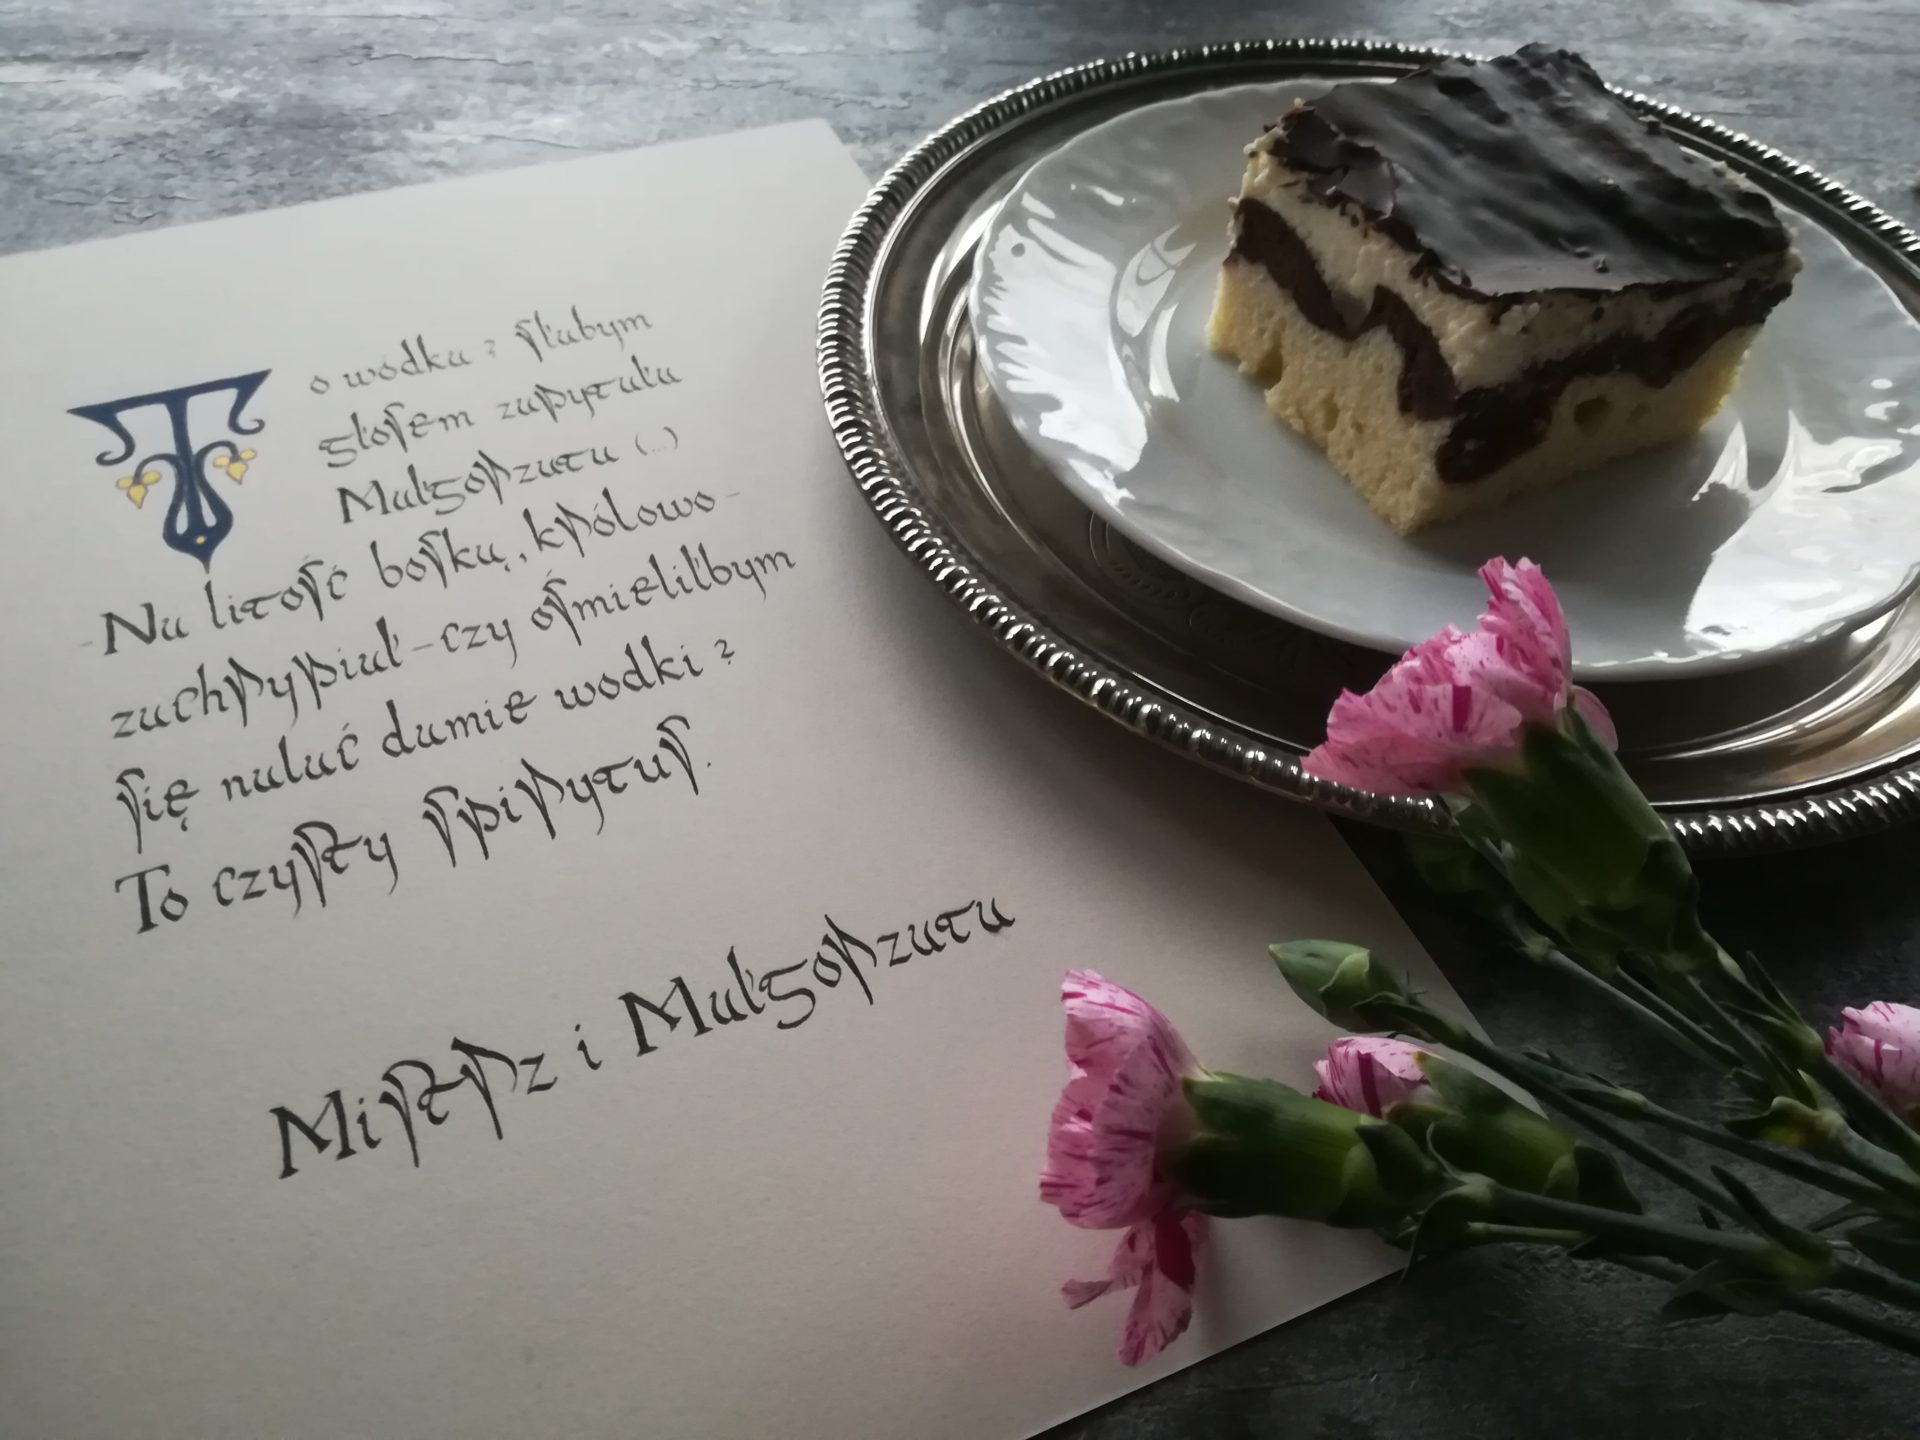 Fale Dunaju, kaligrafia literacka, kaligrafia małopolska, stare przepisykaligrafia kulinarna, Mistrz i Małgorzata kaligrafia, Michaił Bułhakow kaligrafia, czy ośmieliłbym się nalać damie wódki?, pyszne ciasto, ciasto tradycyjne,